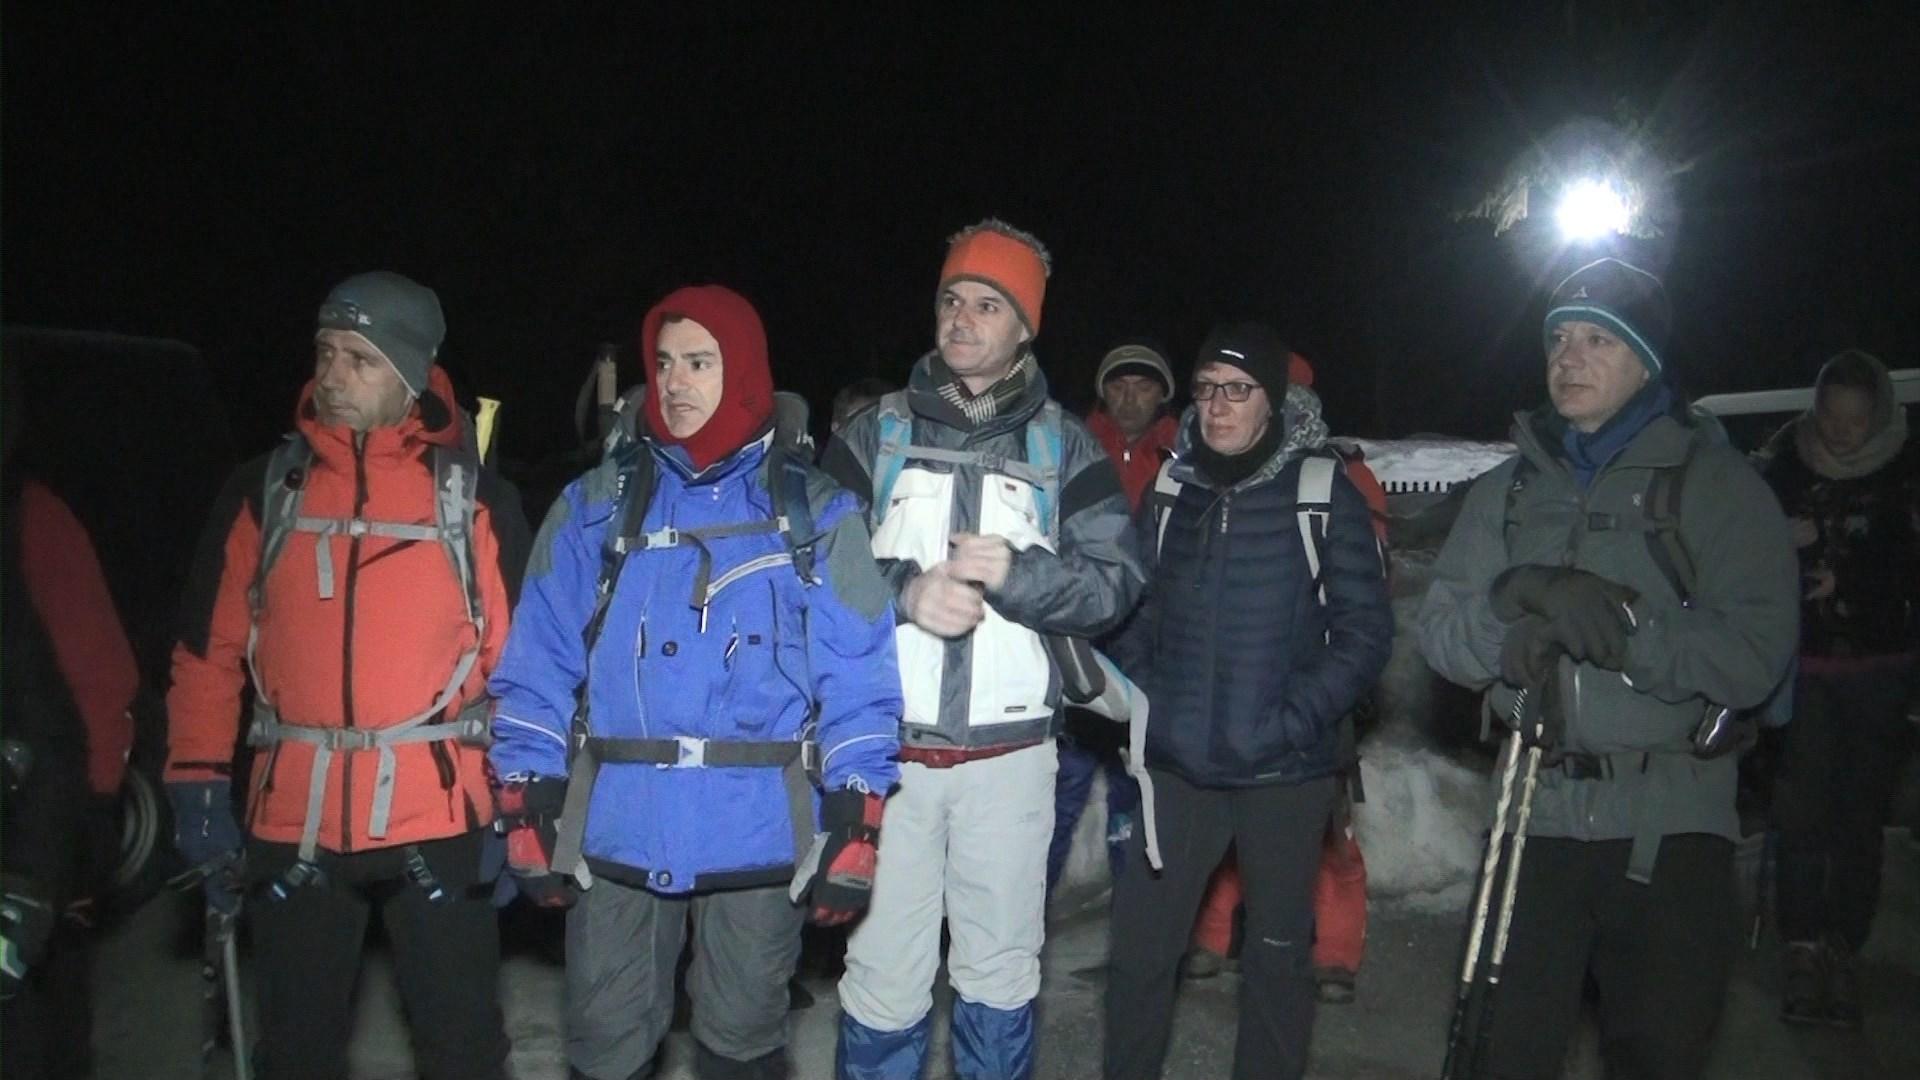 Alpinistë shqiptarë e të huaj ngjiten në majat e alpeve në Valbonë